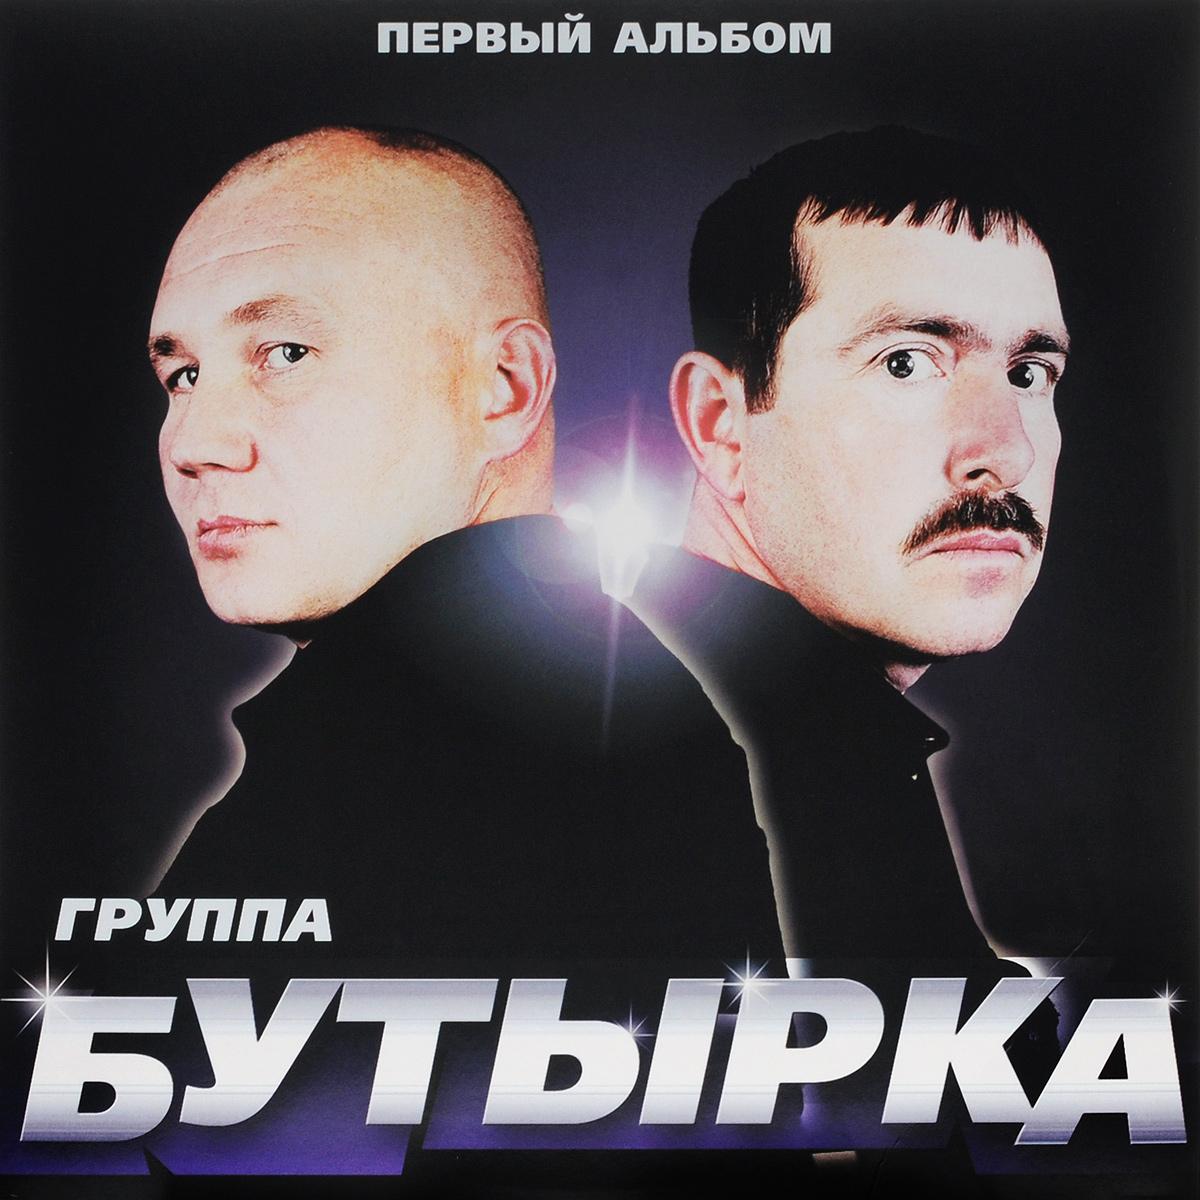 бутырка бутырка 50 лучших песен mp3 Бутырка Бутырка. Первый альбом (LP)